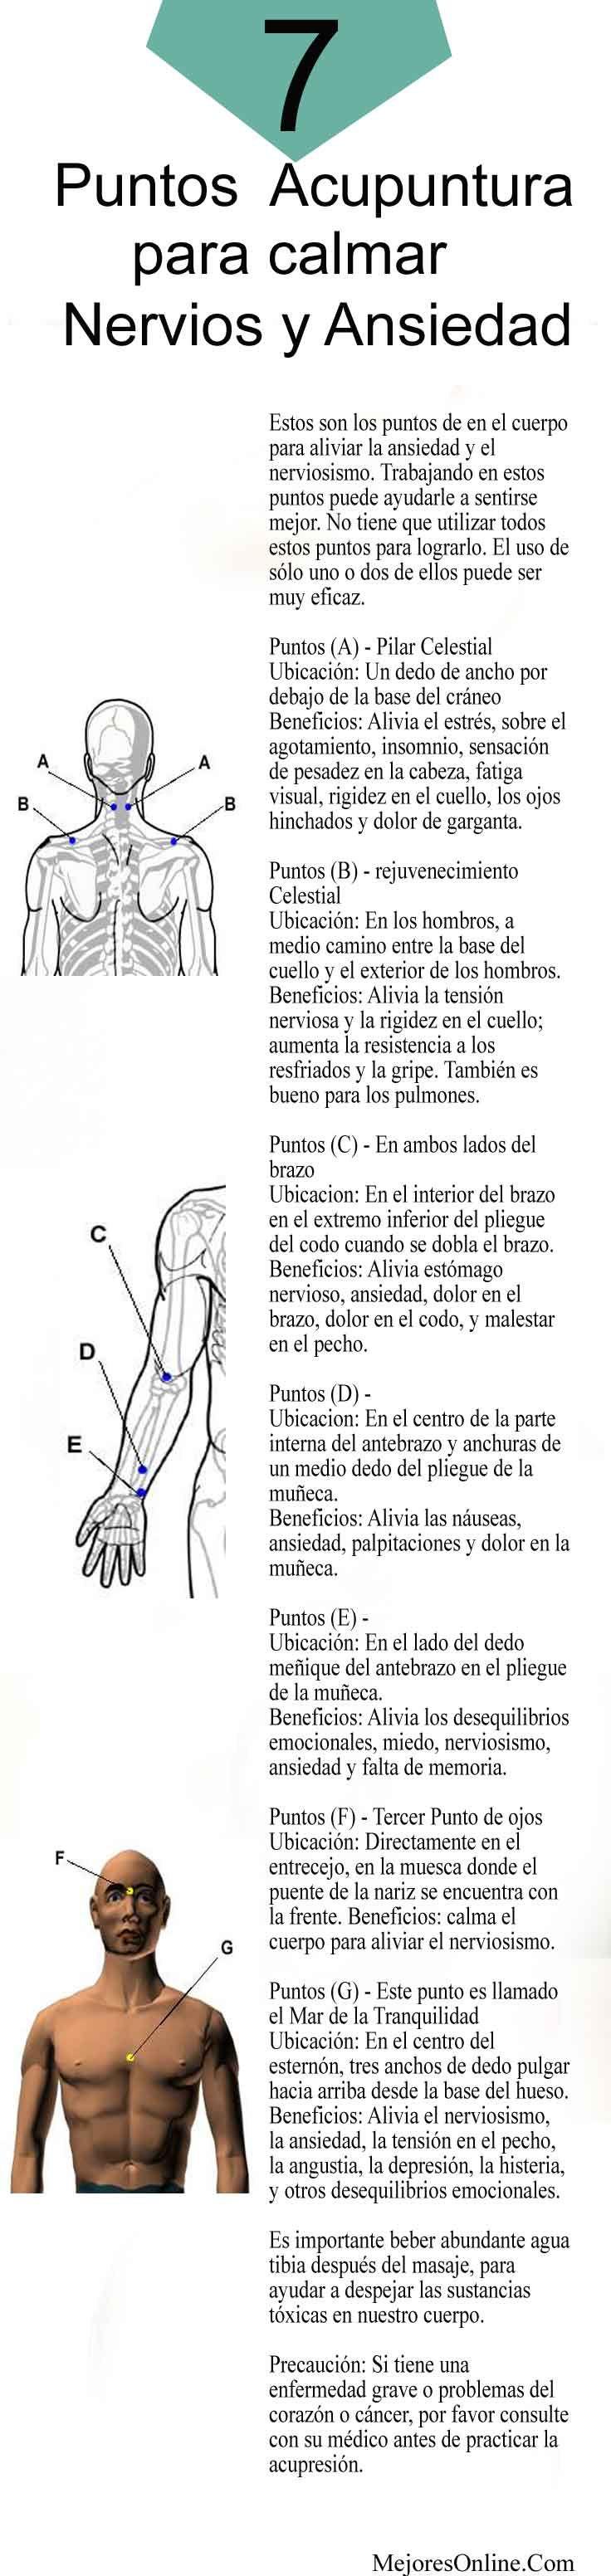 acupuntura-puntos-para-calmar-estres-ansiedad-nerviosismo.